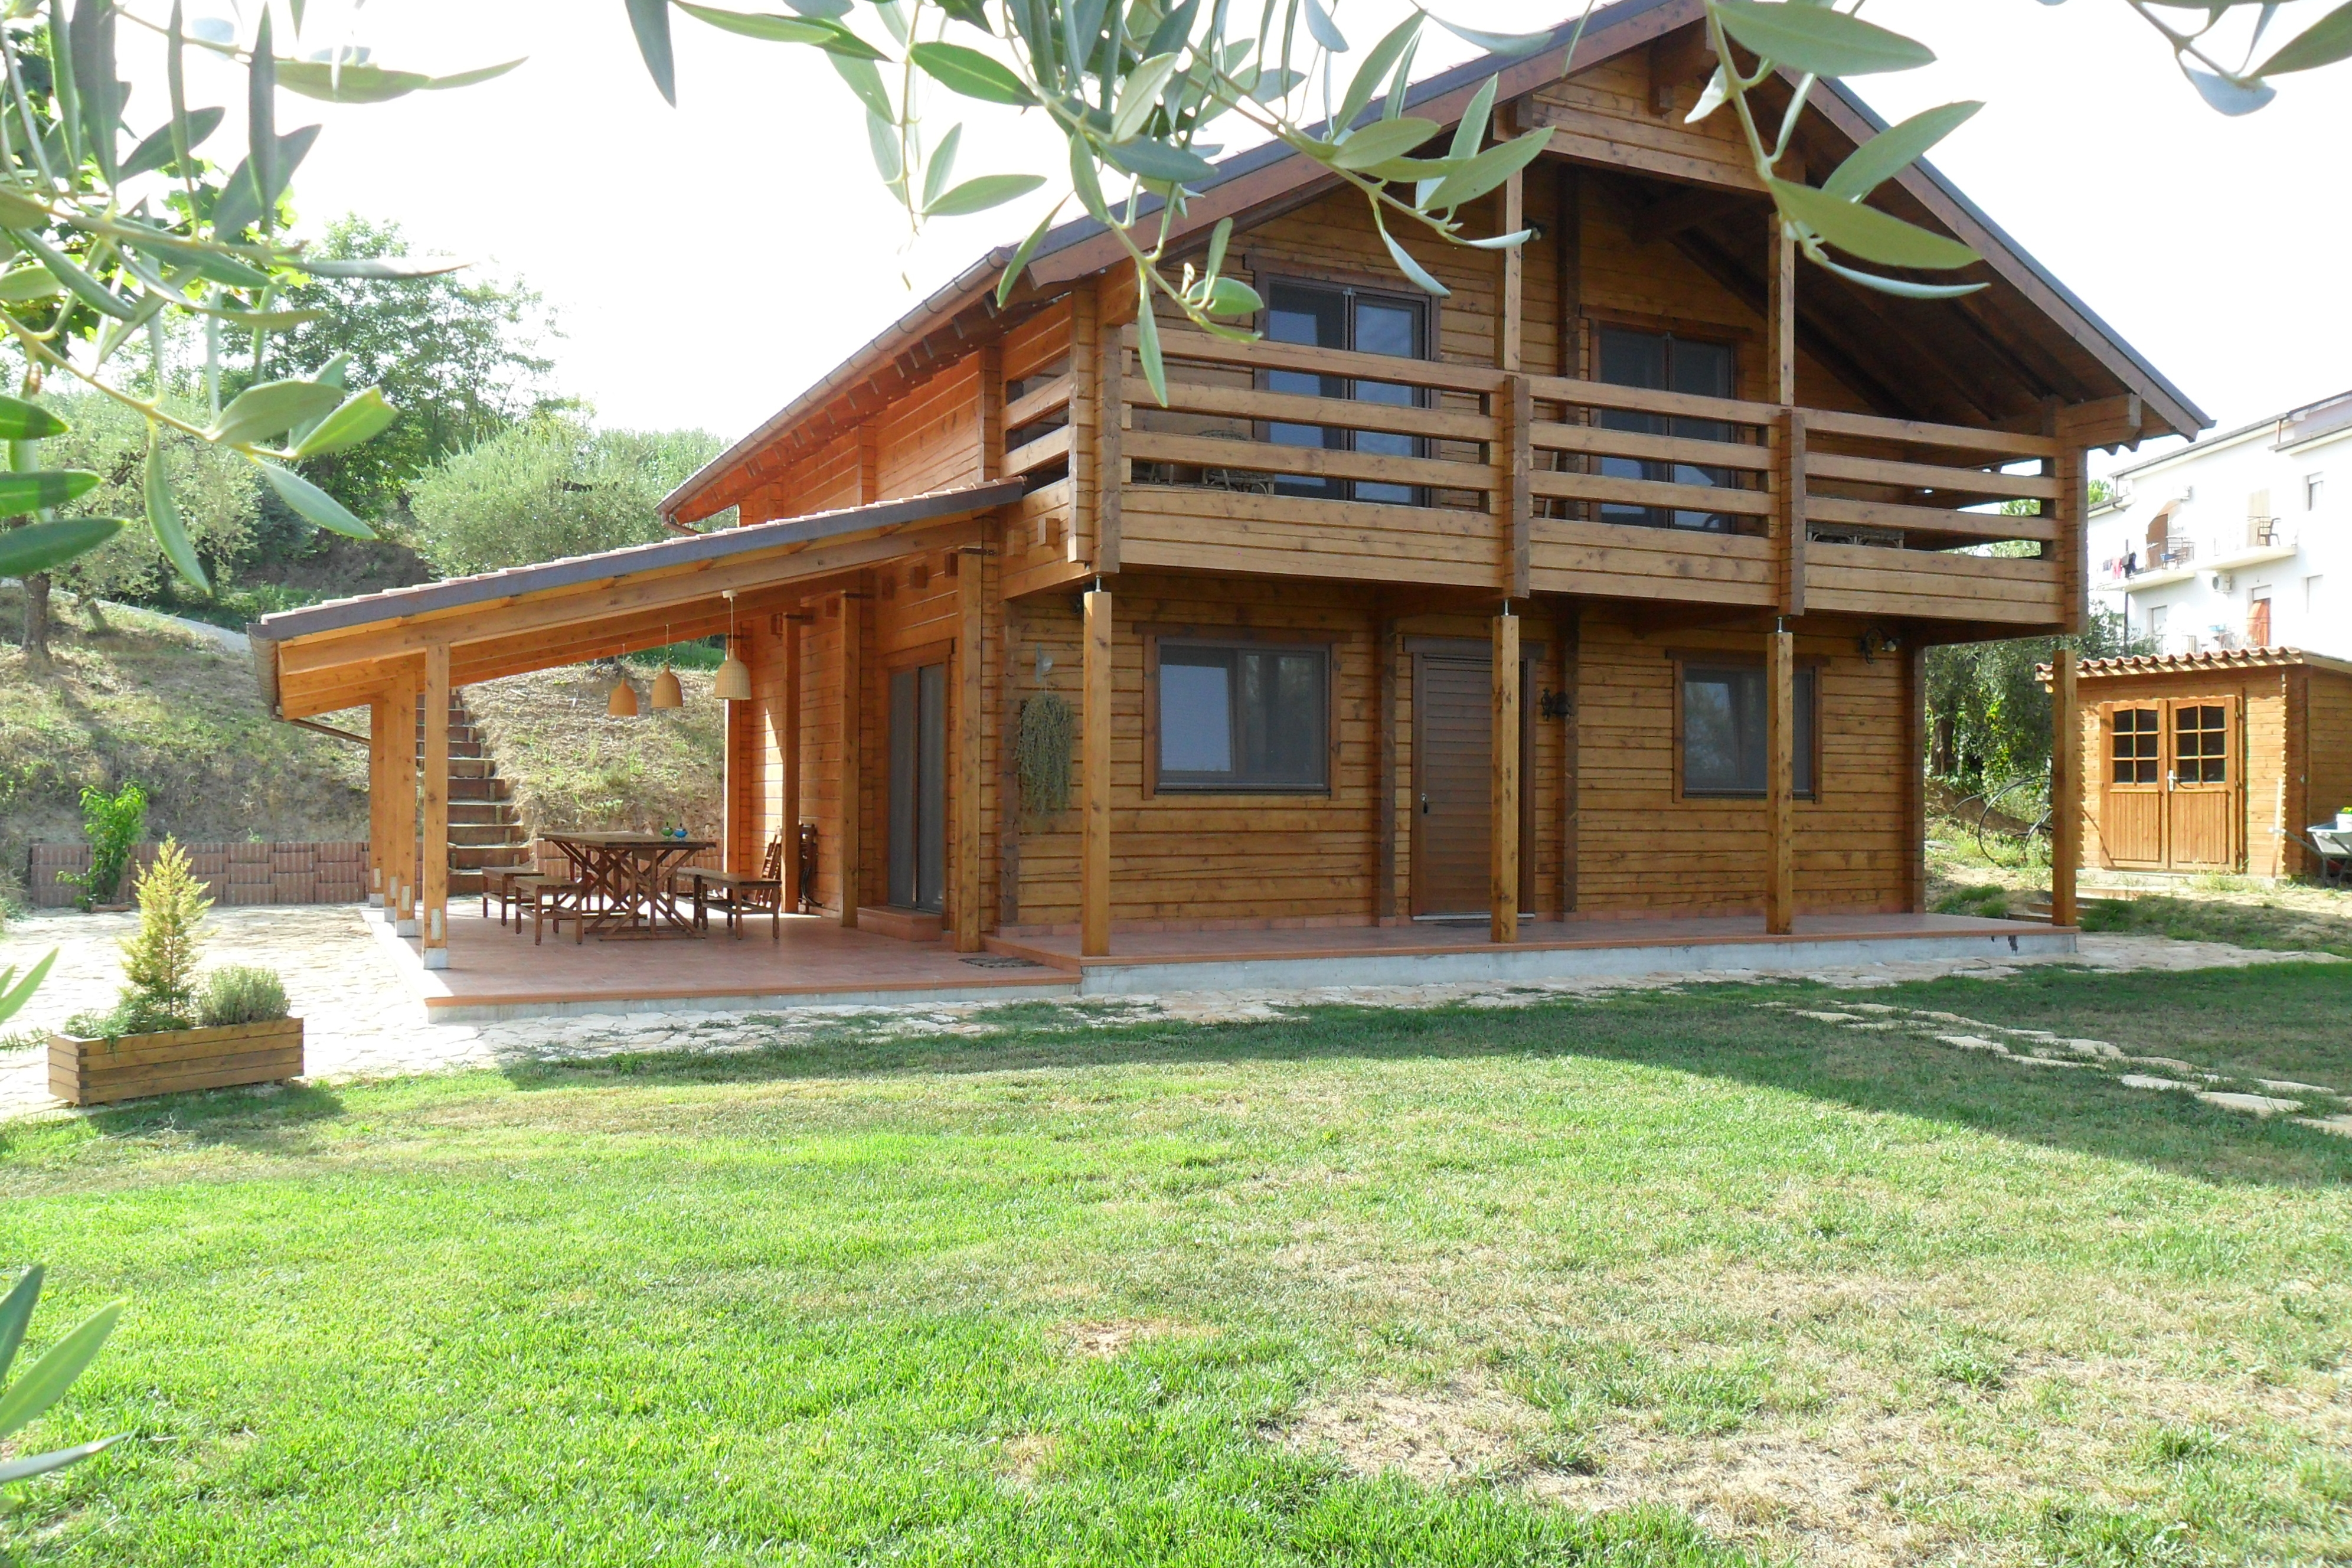 Case in legno tradizionali case prefabbricate in legno for Pannelli in legno lamellare prezzi